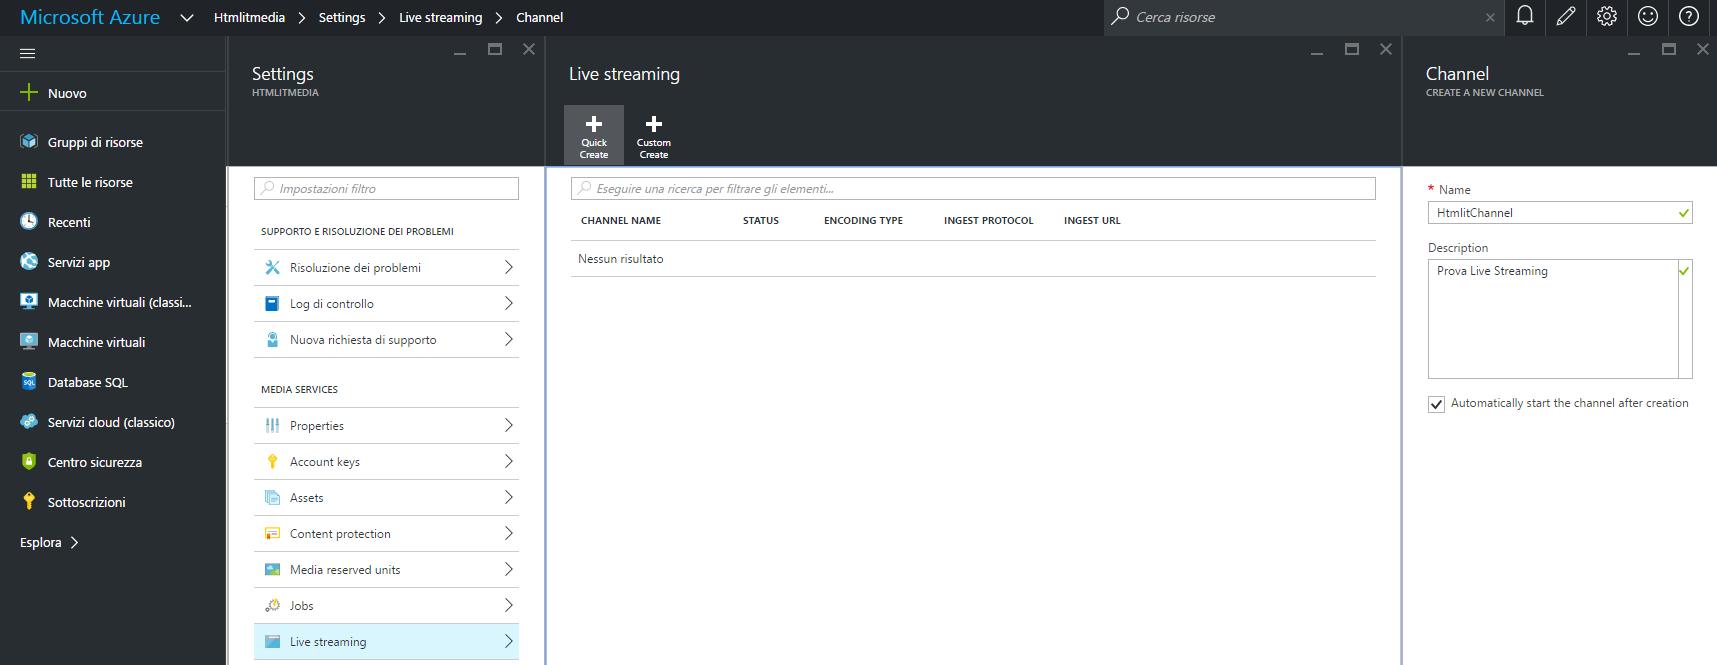 Creazione del canale per il Live streaming